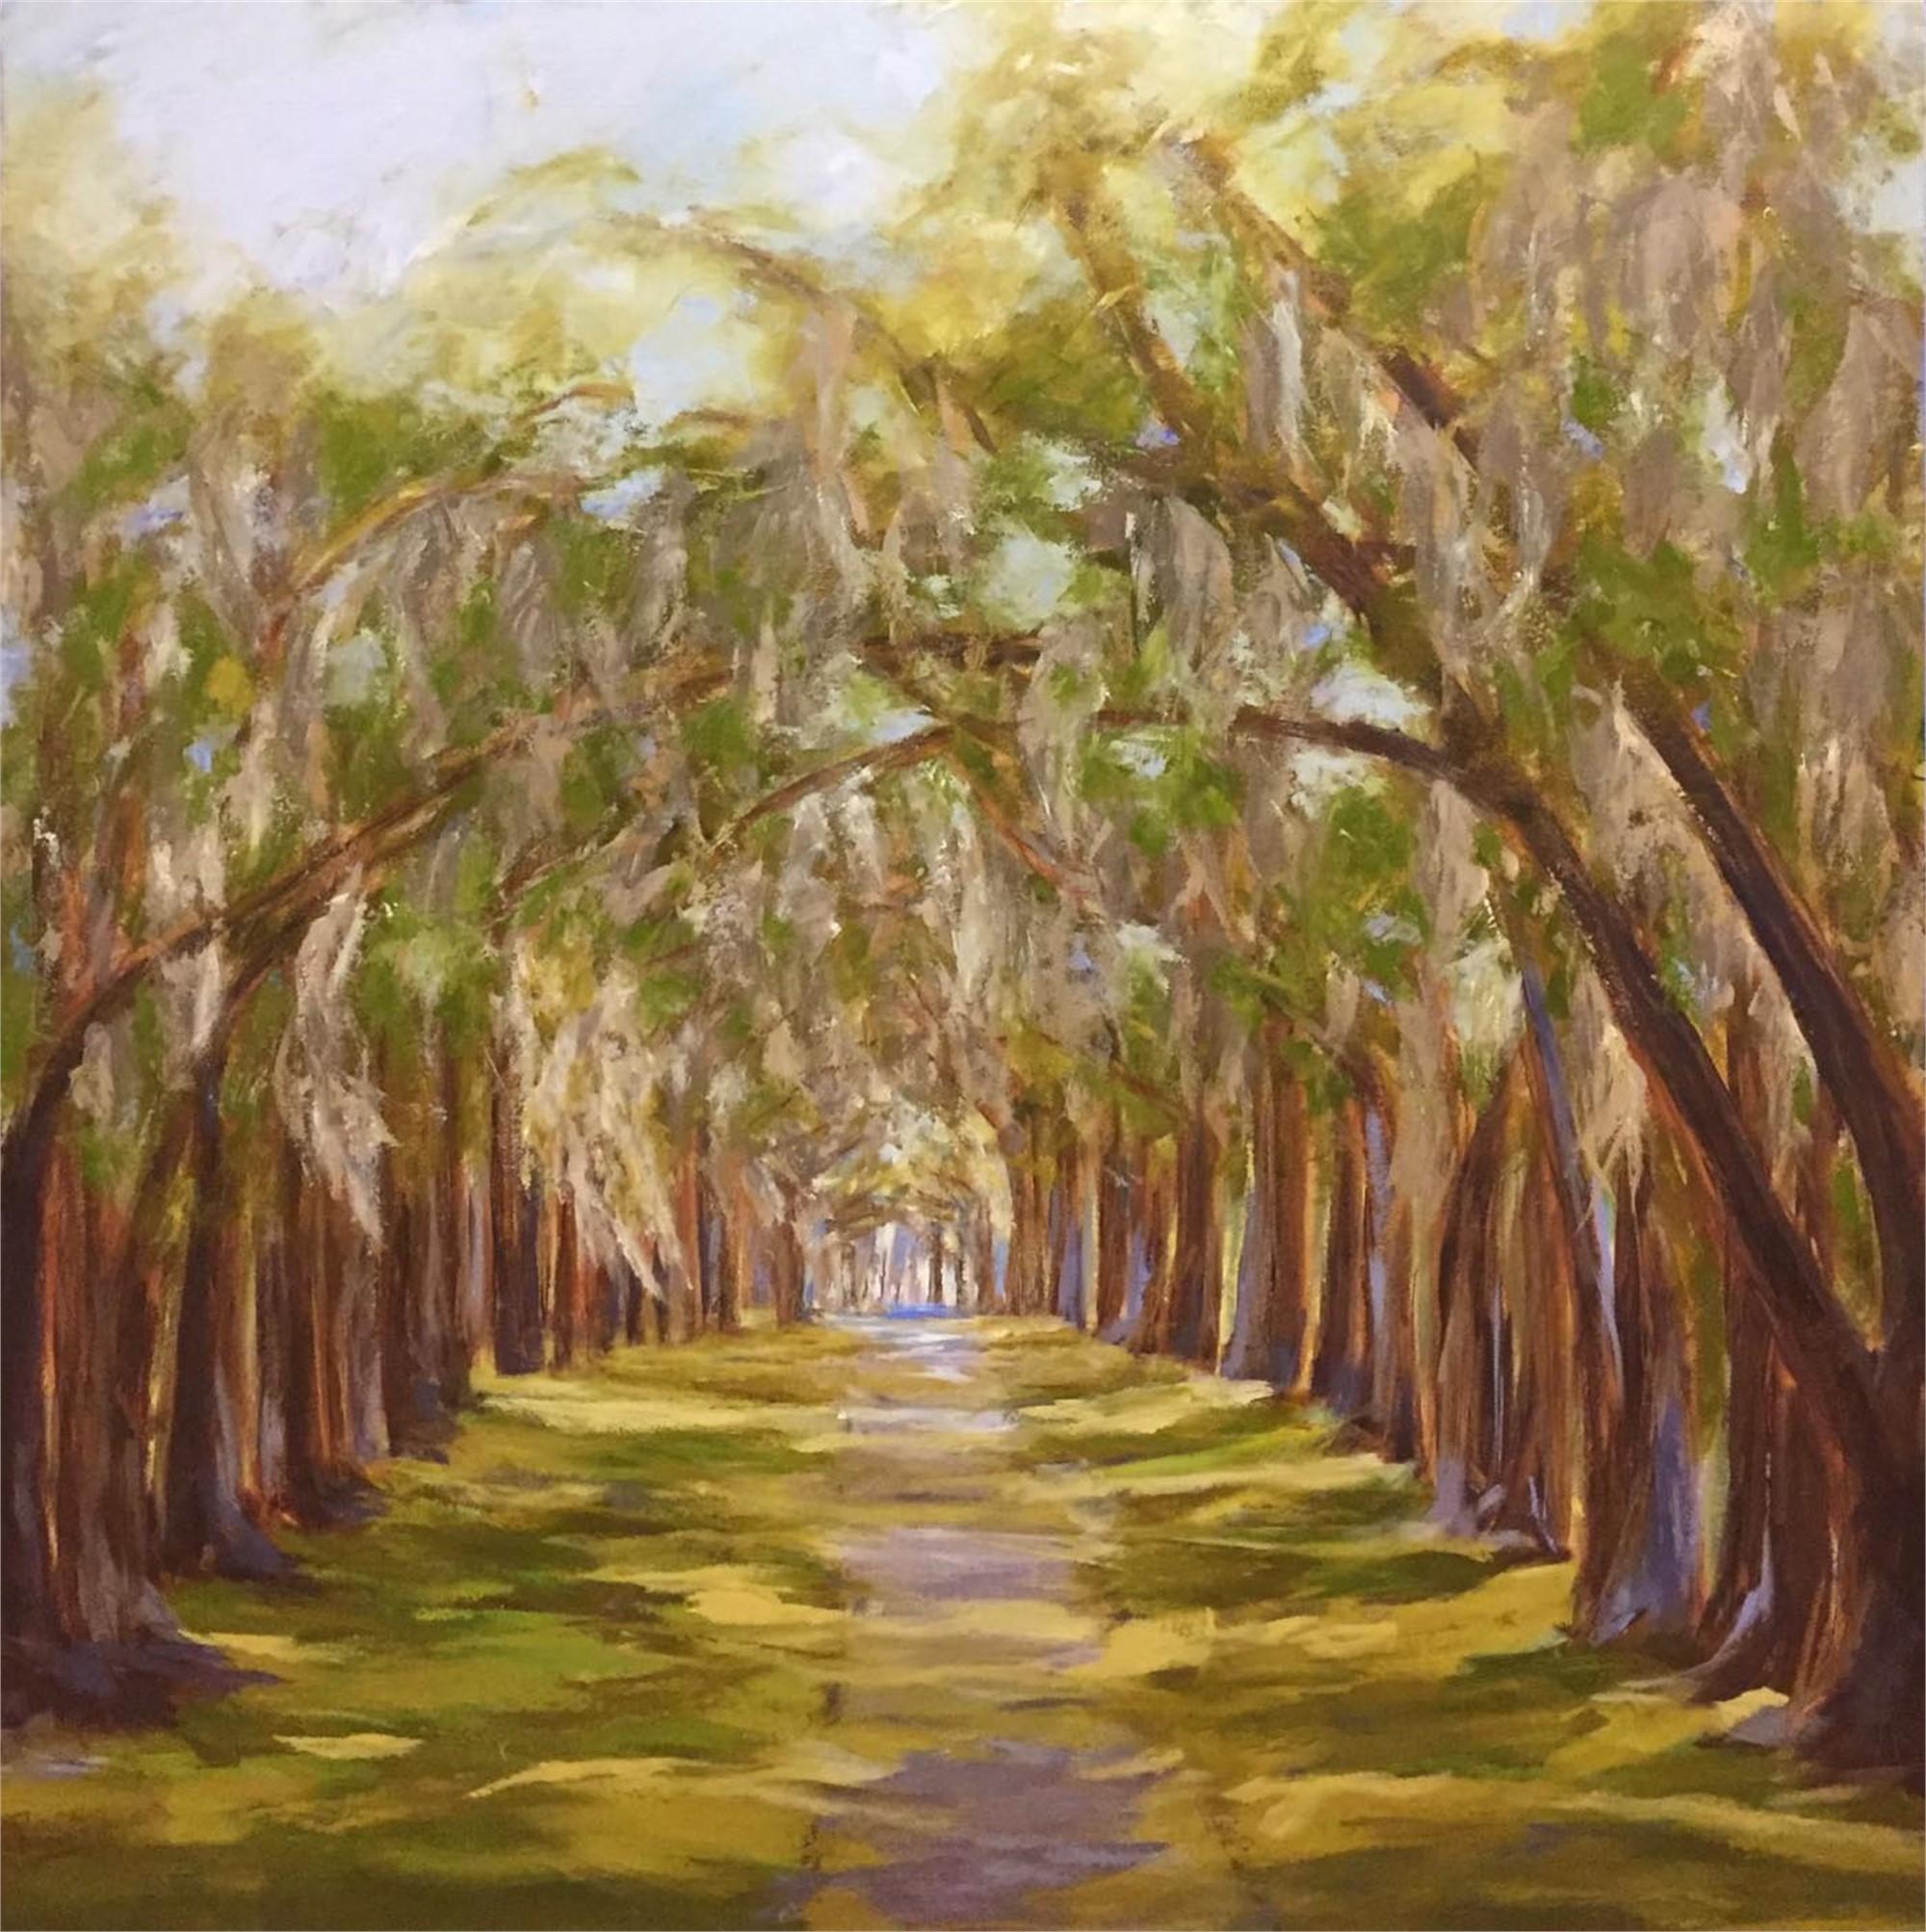 Southern Grace by Adrian Chu Redmond